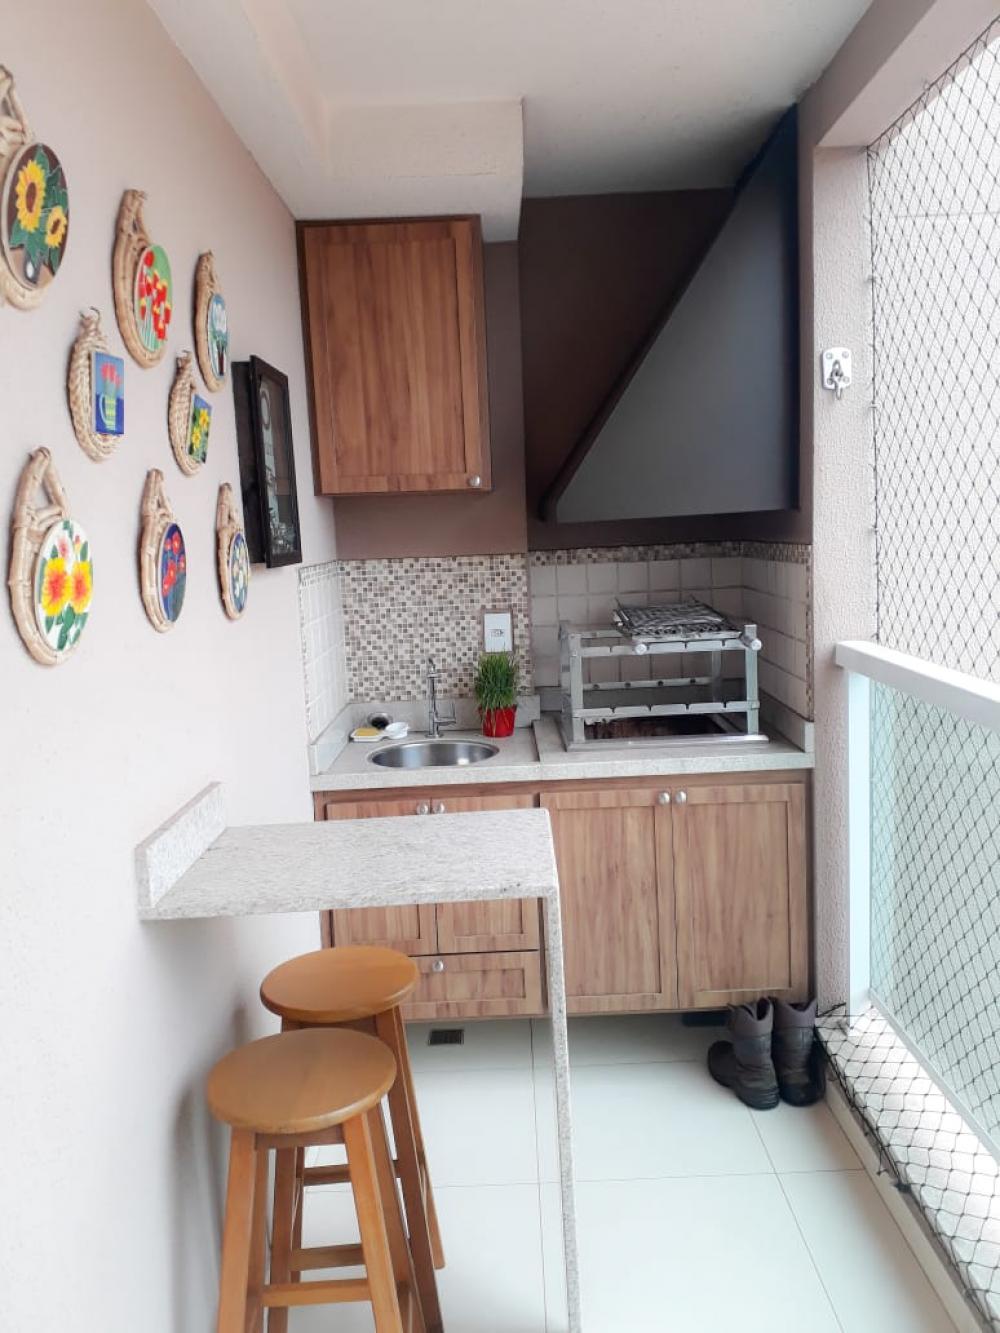 Apartamento Ed Tarsila, 72 m², 2 dormitórios com armários planejados, sendo 1 suíte, sala dois ambientes com sacada, banheiro social, cozinha planejada, área de serviço e 1 vaga de garagem Edifício com portaria, salão de festas e playground. Aceita financiamento.